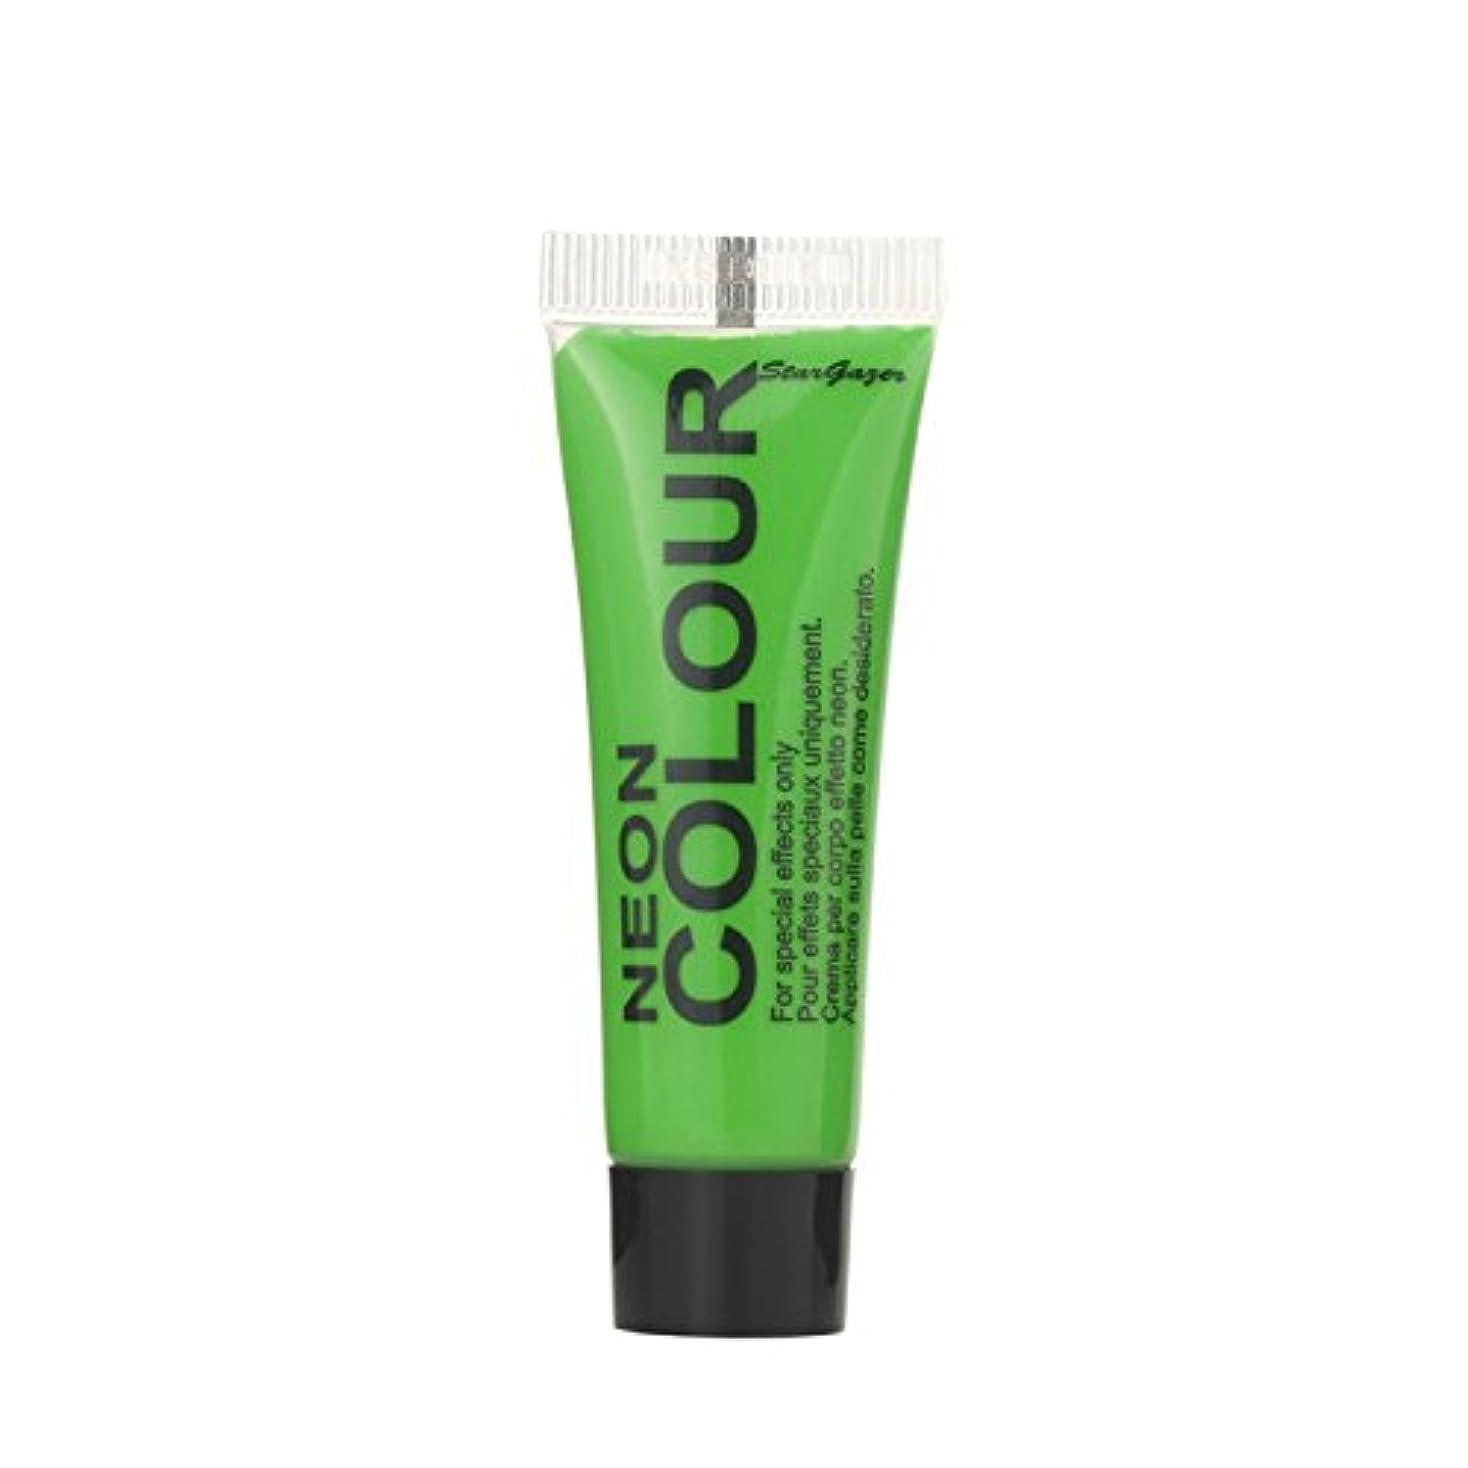 年齢サワーマークアレス スターゲイザー ネオンペイント 10ml グリーン(UV)